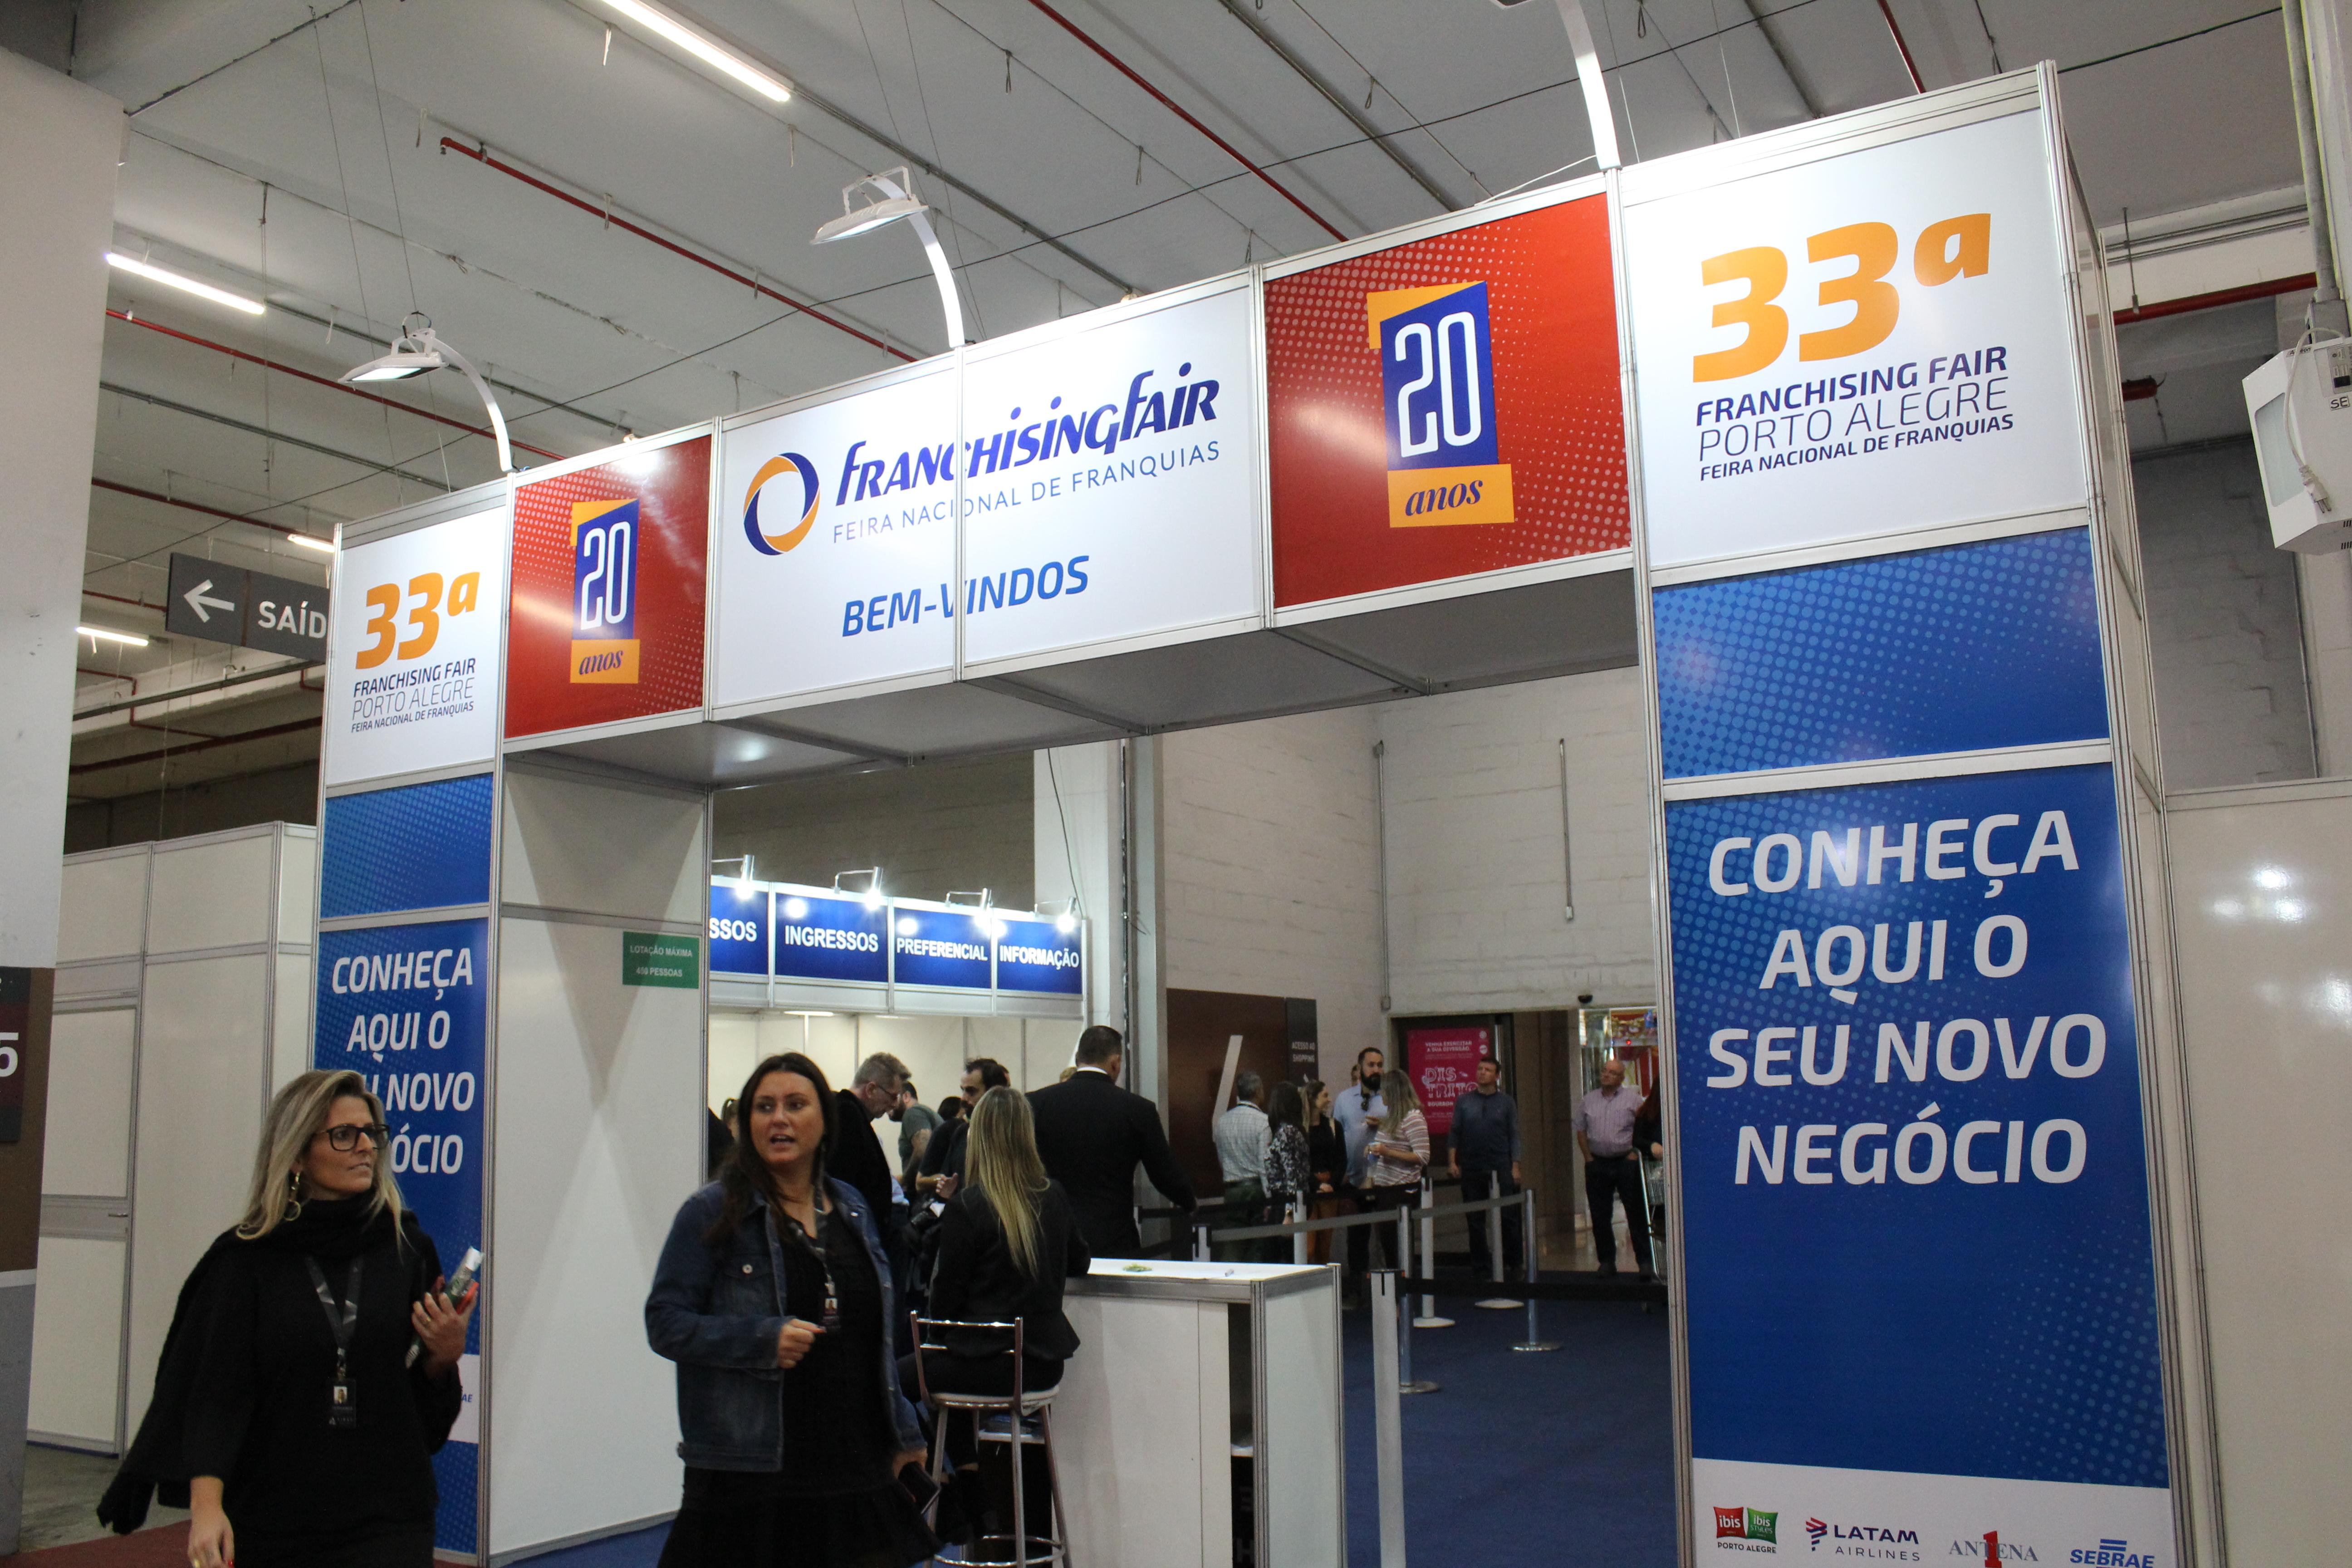 Porto Alegre: Feira Nacional de Franquias realiza mais de R$ 13 milhões em novos negócios. Franchising Fair supera expectativa de negócios fechados em 30%